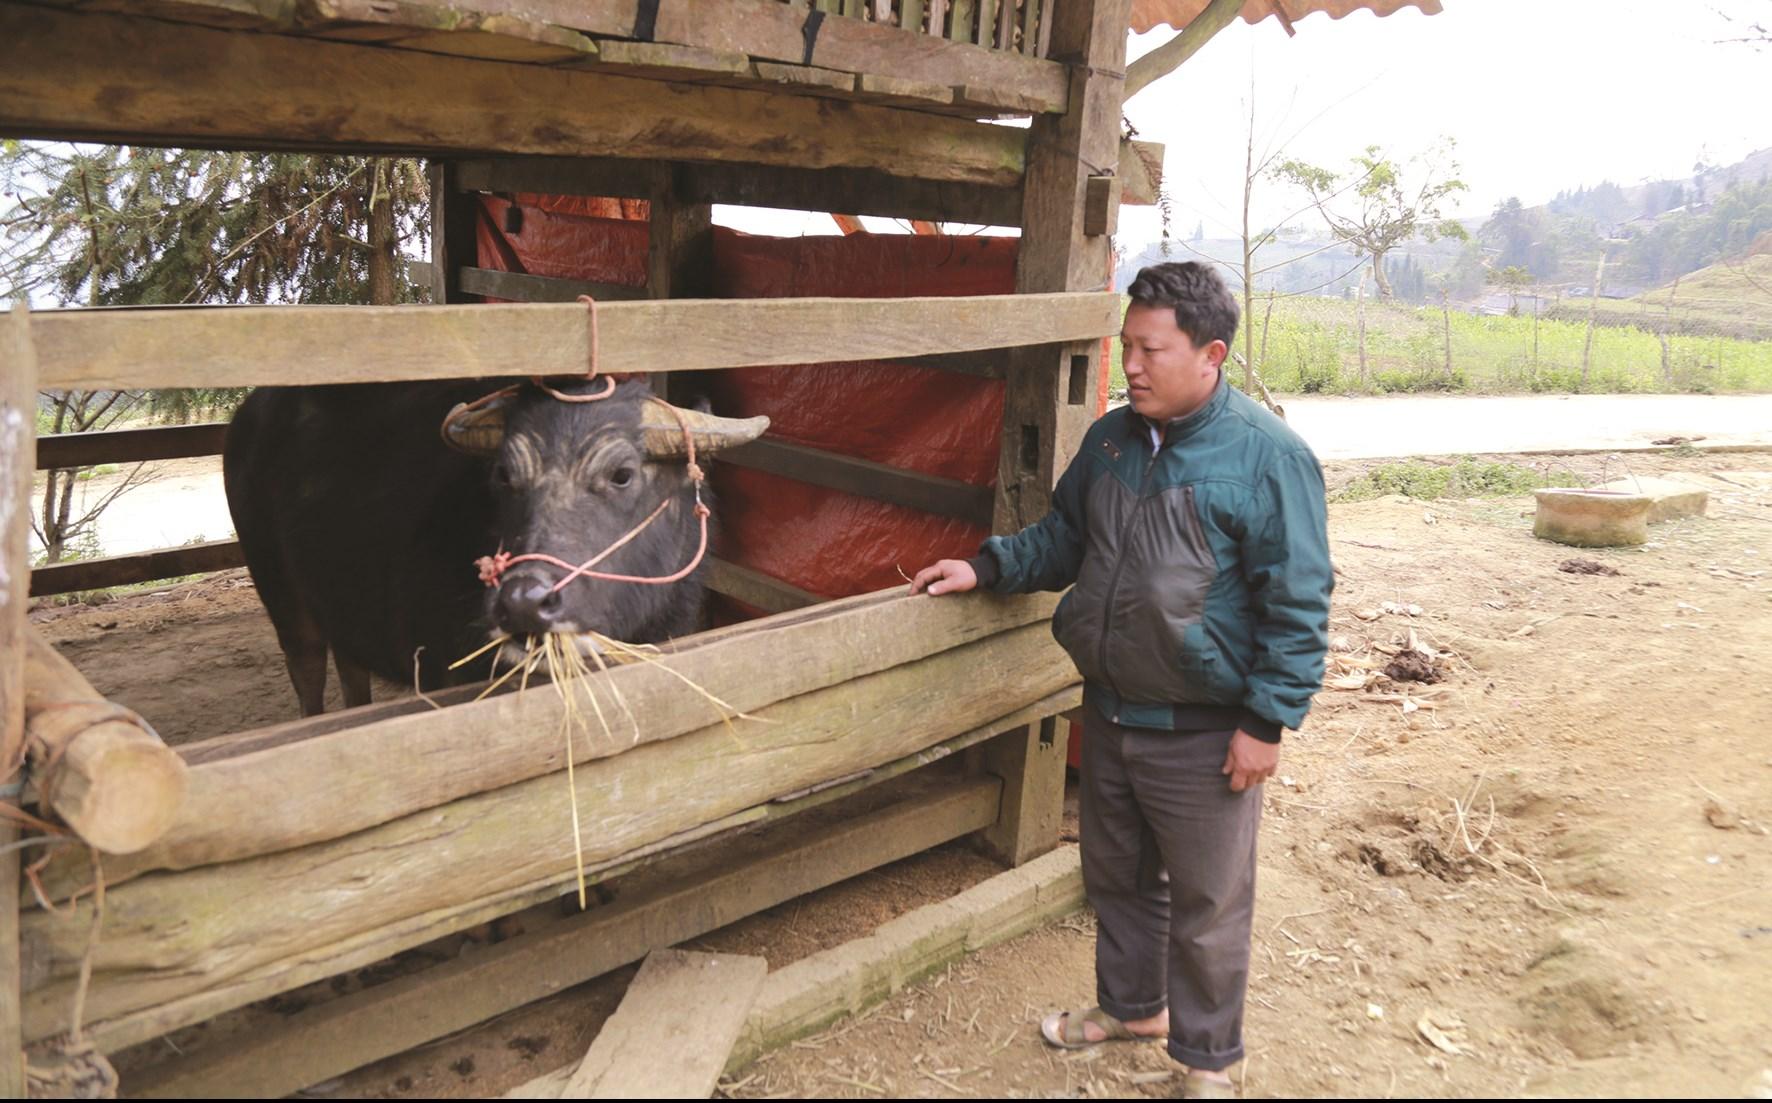 Phát triển chăn nuôi trâu nhốt chuồng không chỉ mang lại hiệu quả kinh tế mà còn giữ môi trường sạch sẽ.